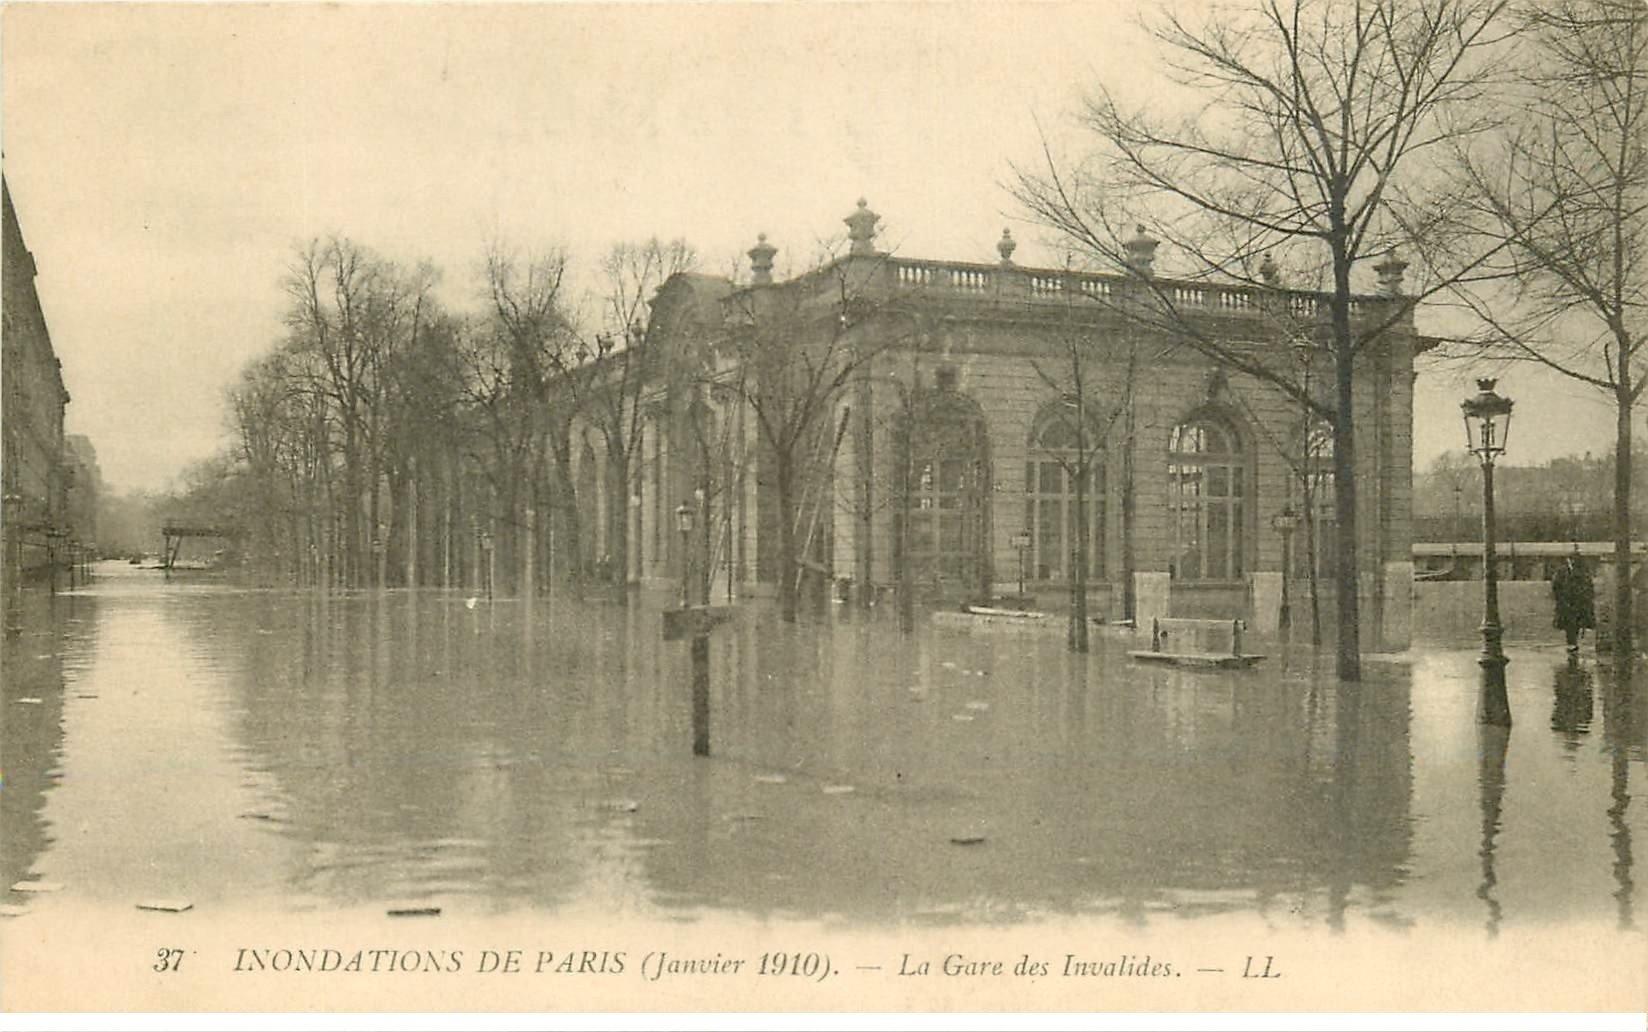 carte postale ancienne INONDATION ET CRUE DE PARIS 1910. Gare des Invalides